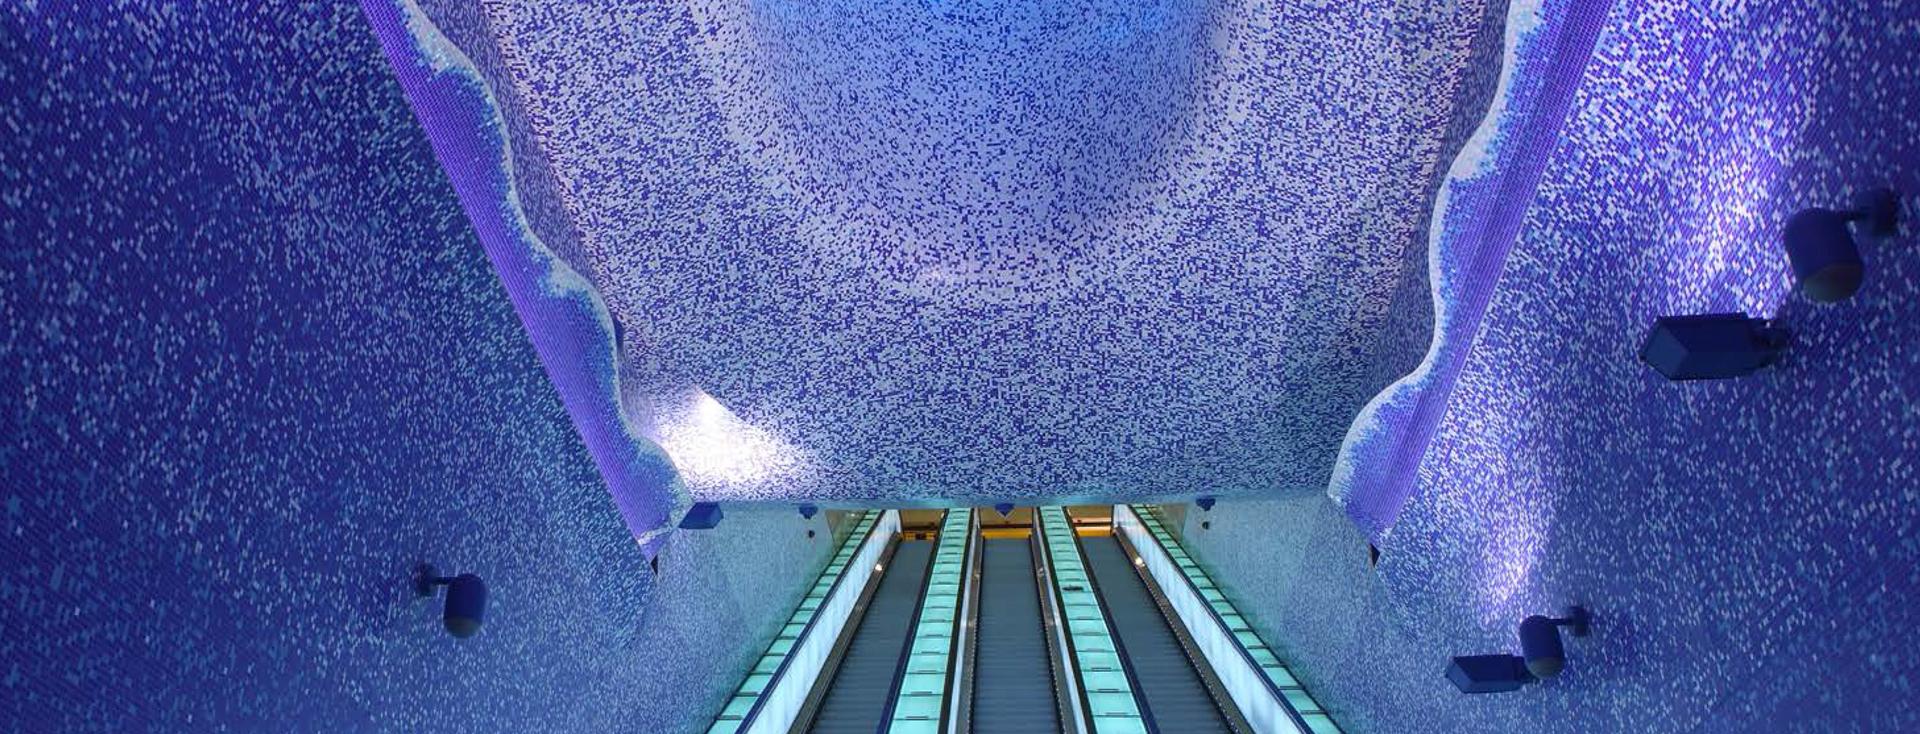 linea 1 - stazione toledo - metropolitana di napoli